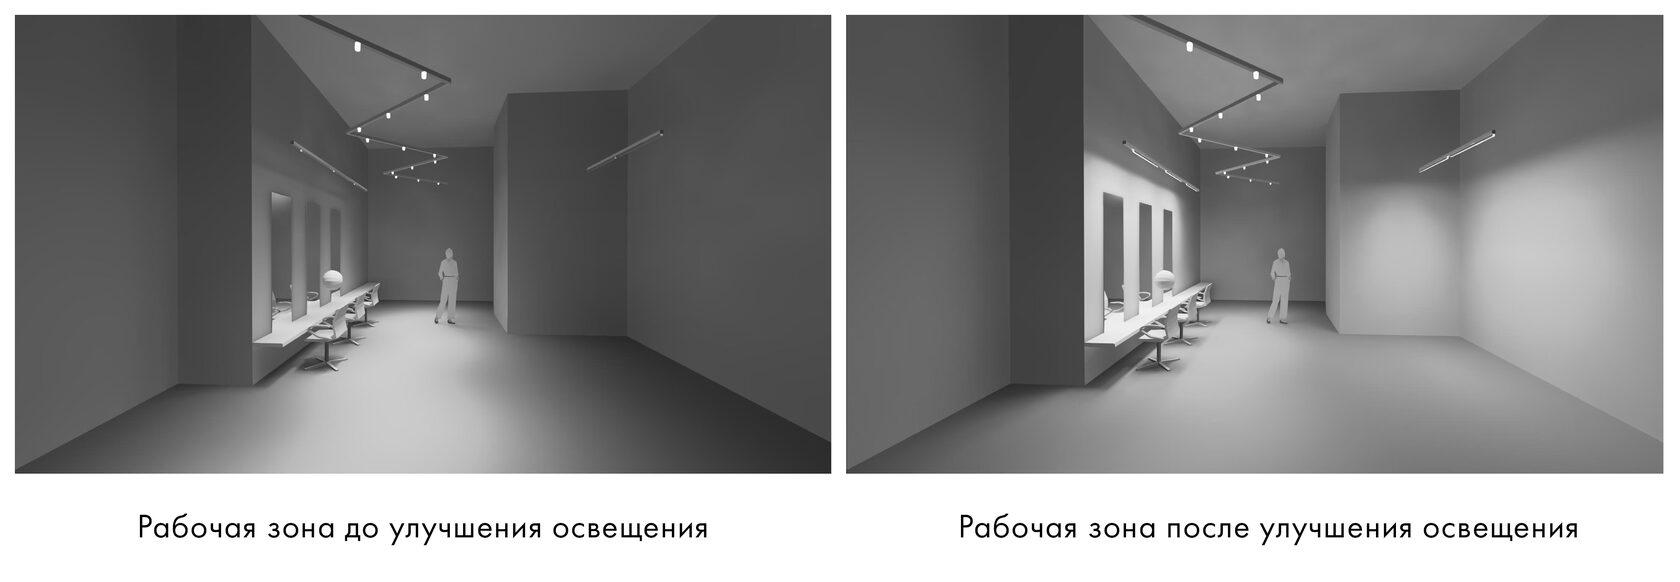 Общий вид на освещение без улучшения и с улучшением